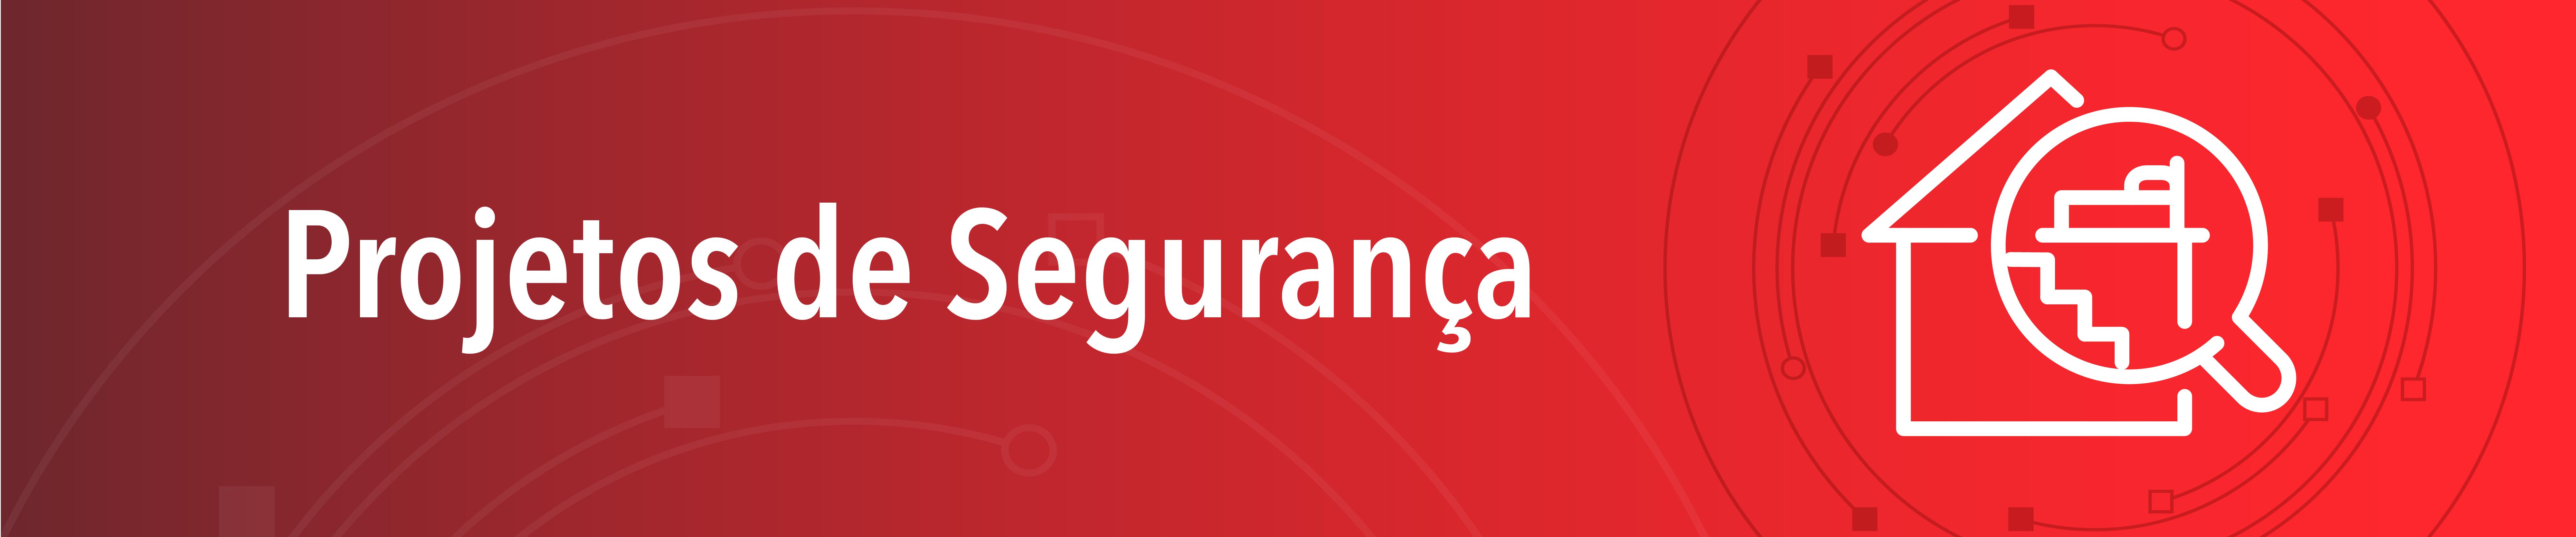 Banner Site Protector_SERVIÇOS_Projetos de segurança